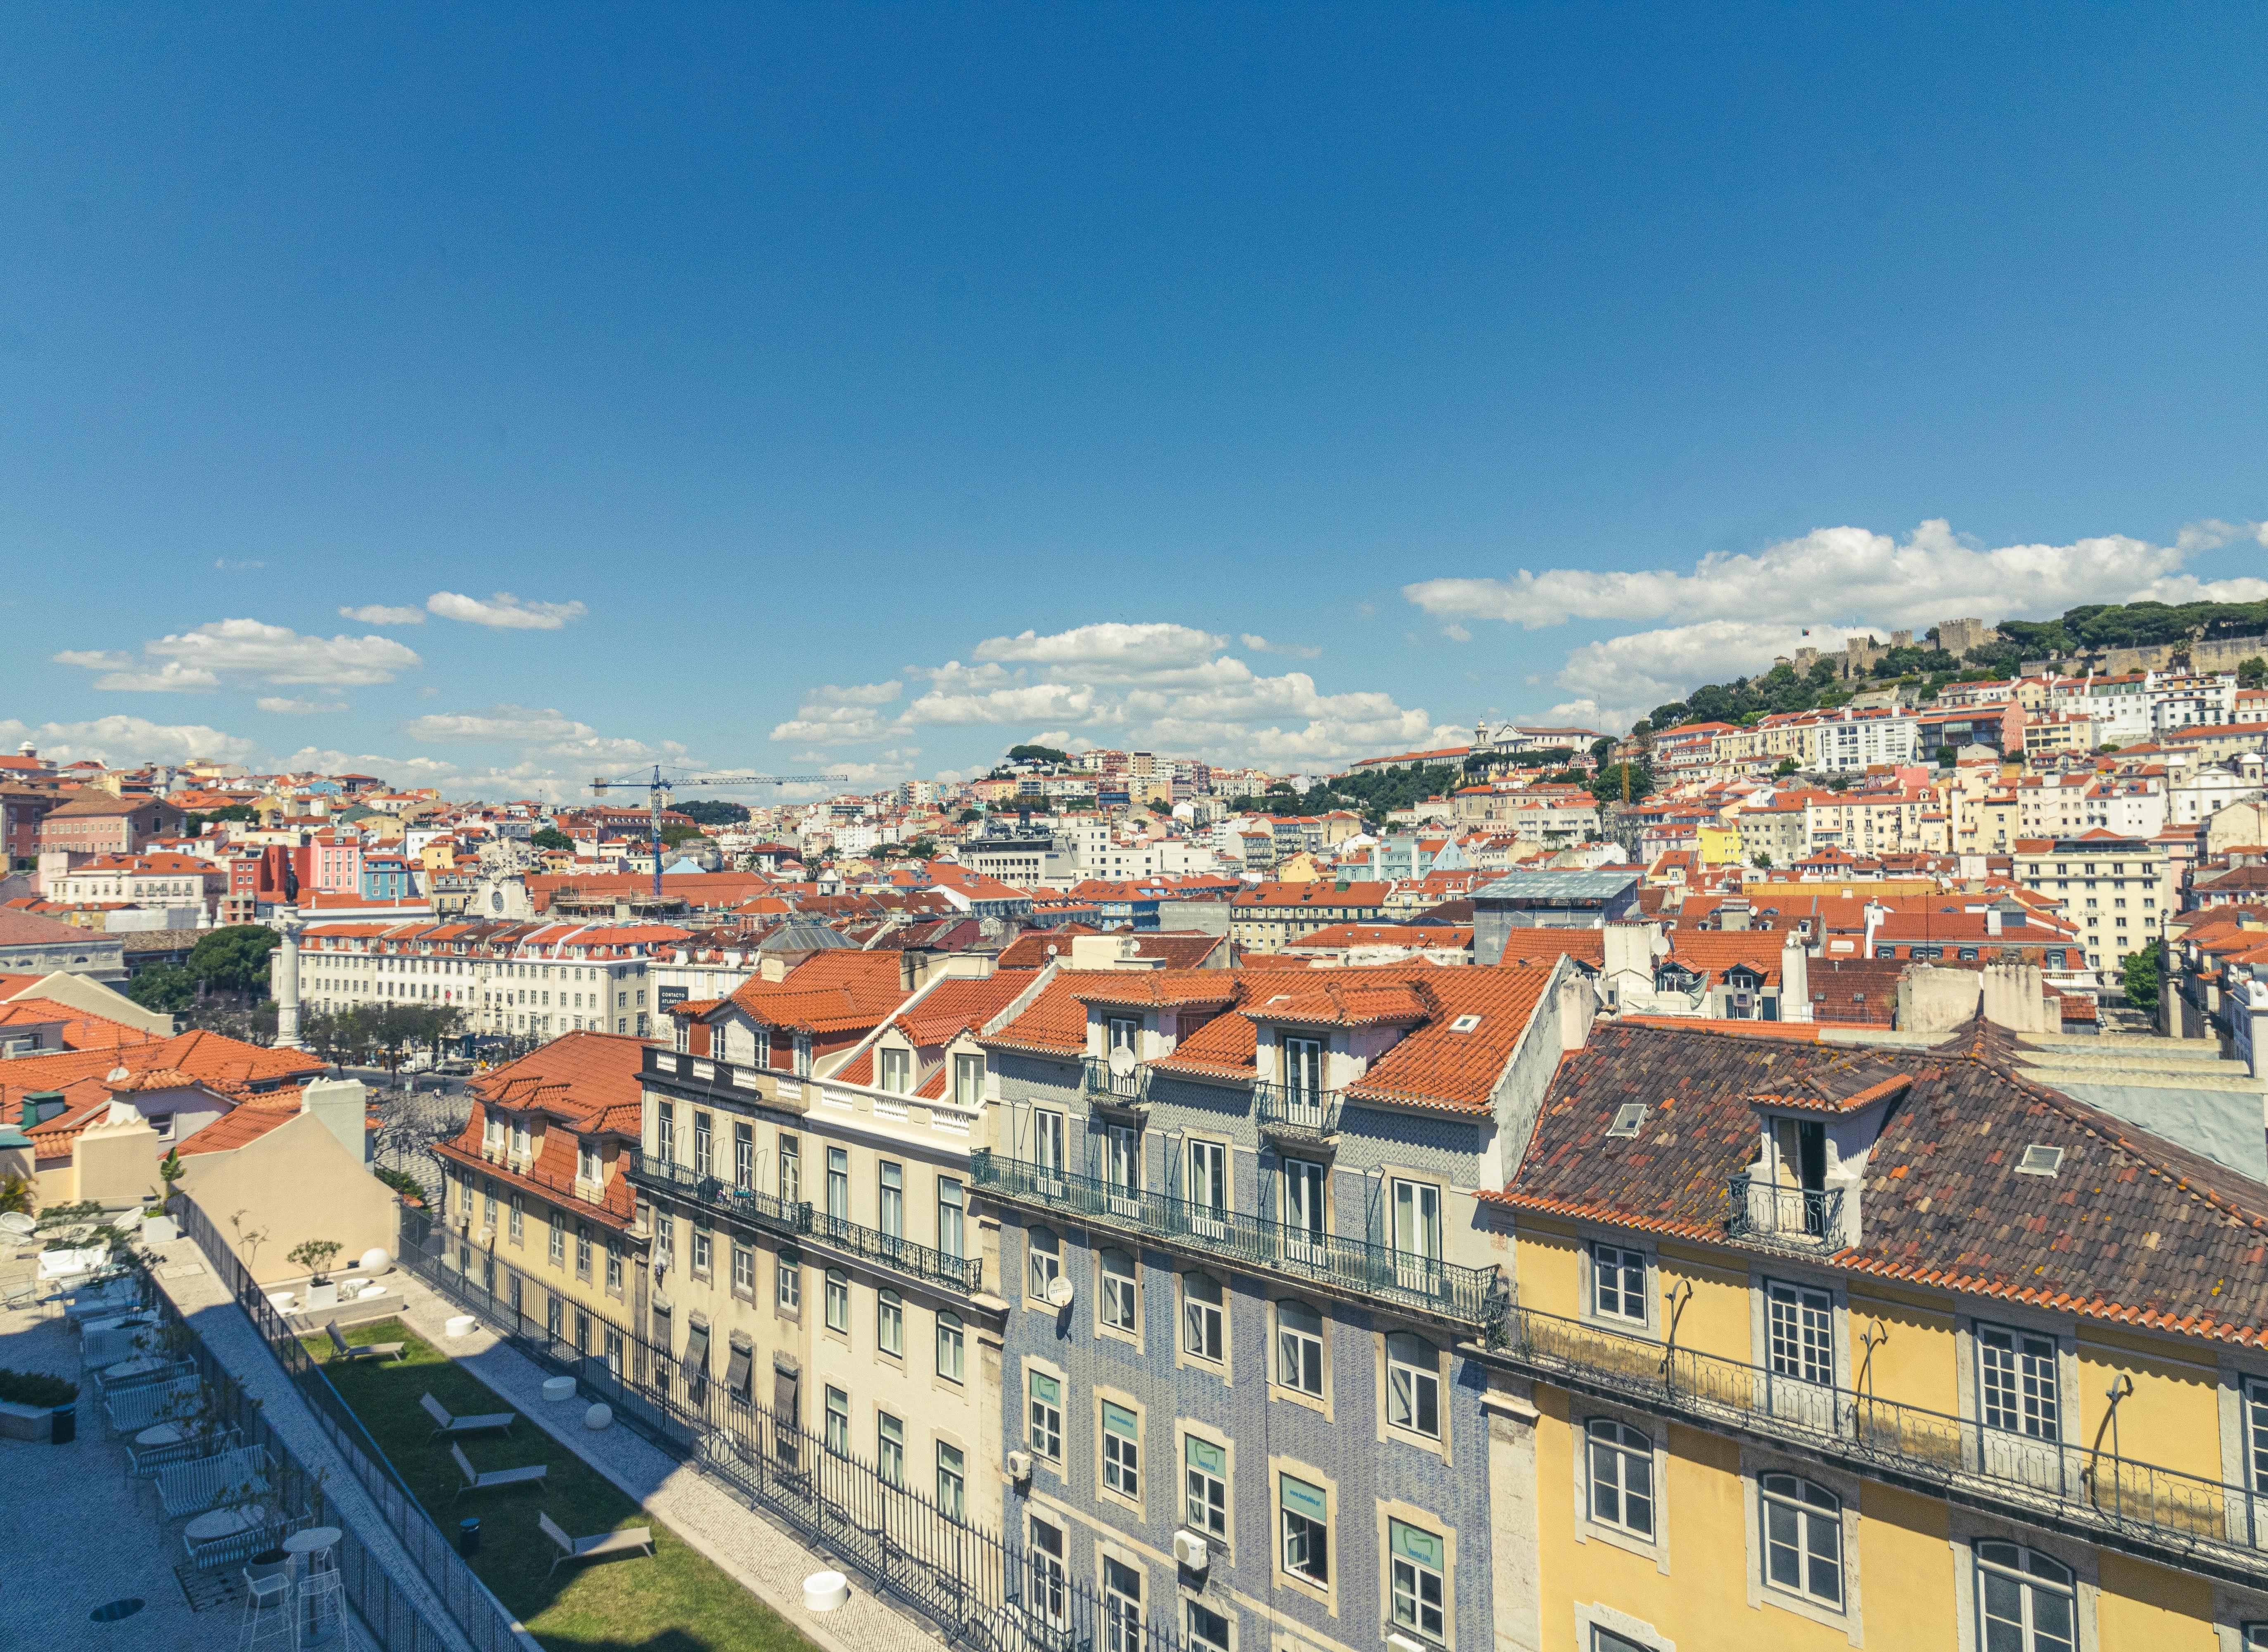 Em Lisboa, em média, são necessários 86 dias para arrendar umimóvel